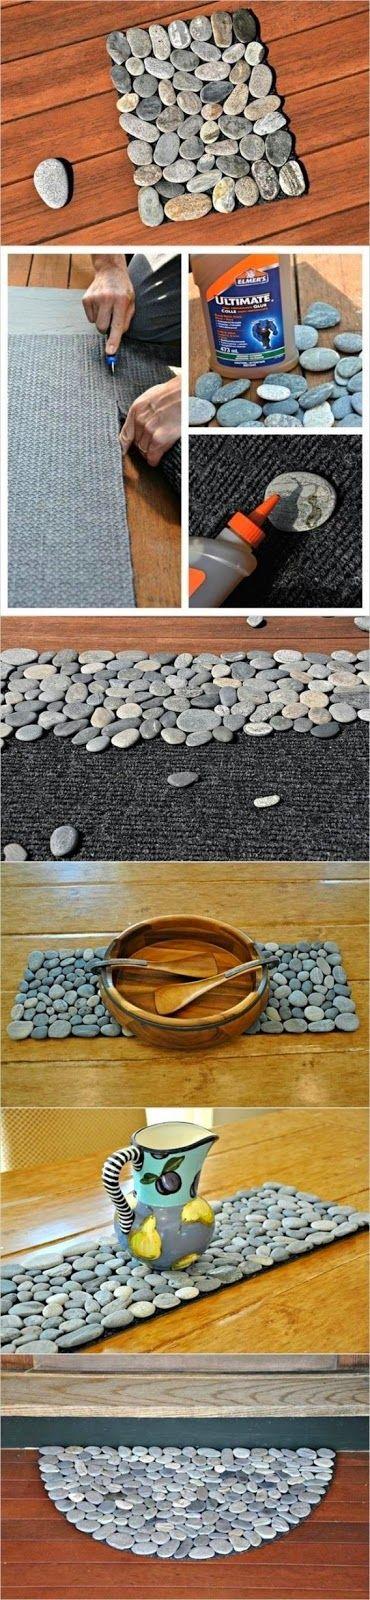 Tappetino realizzato con i sassi